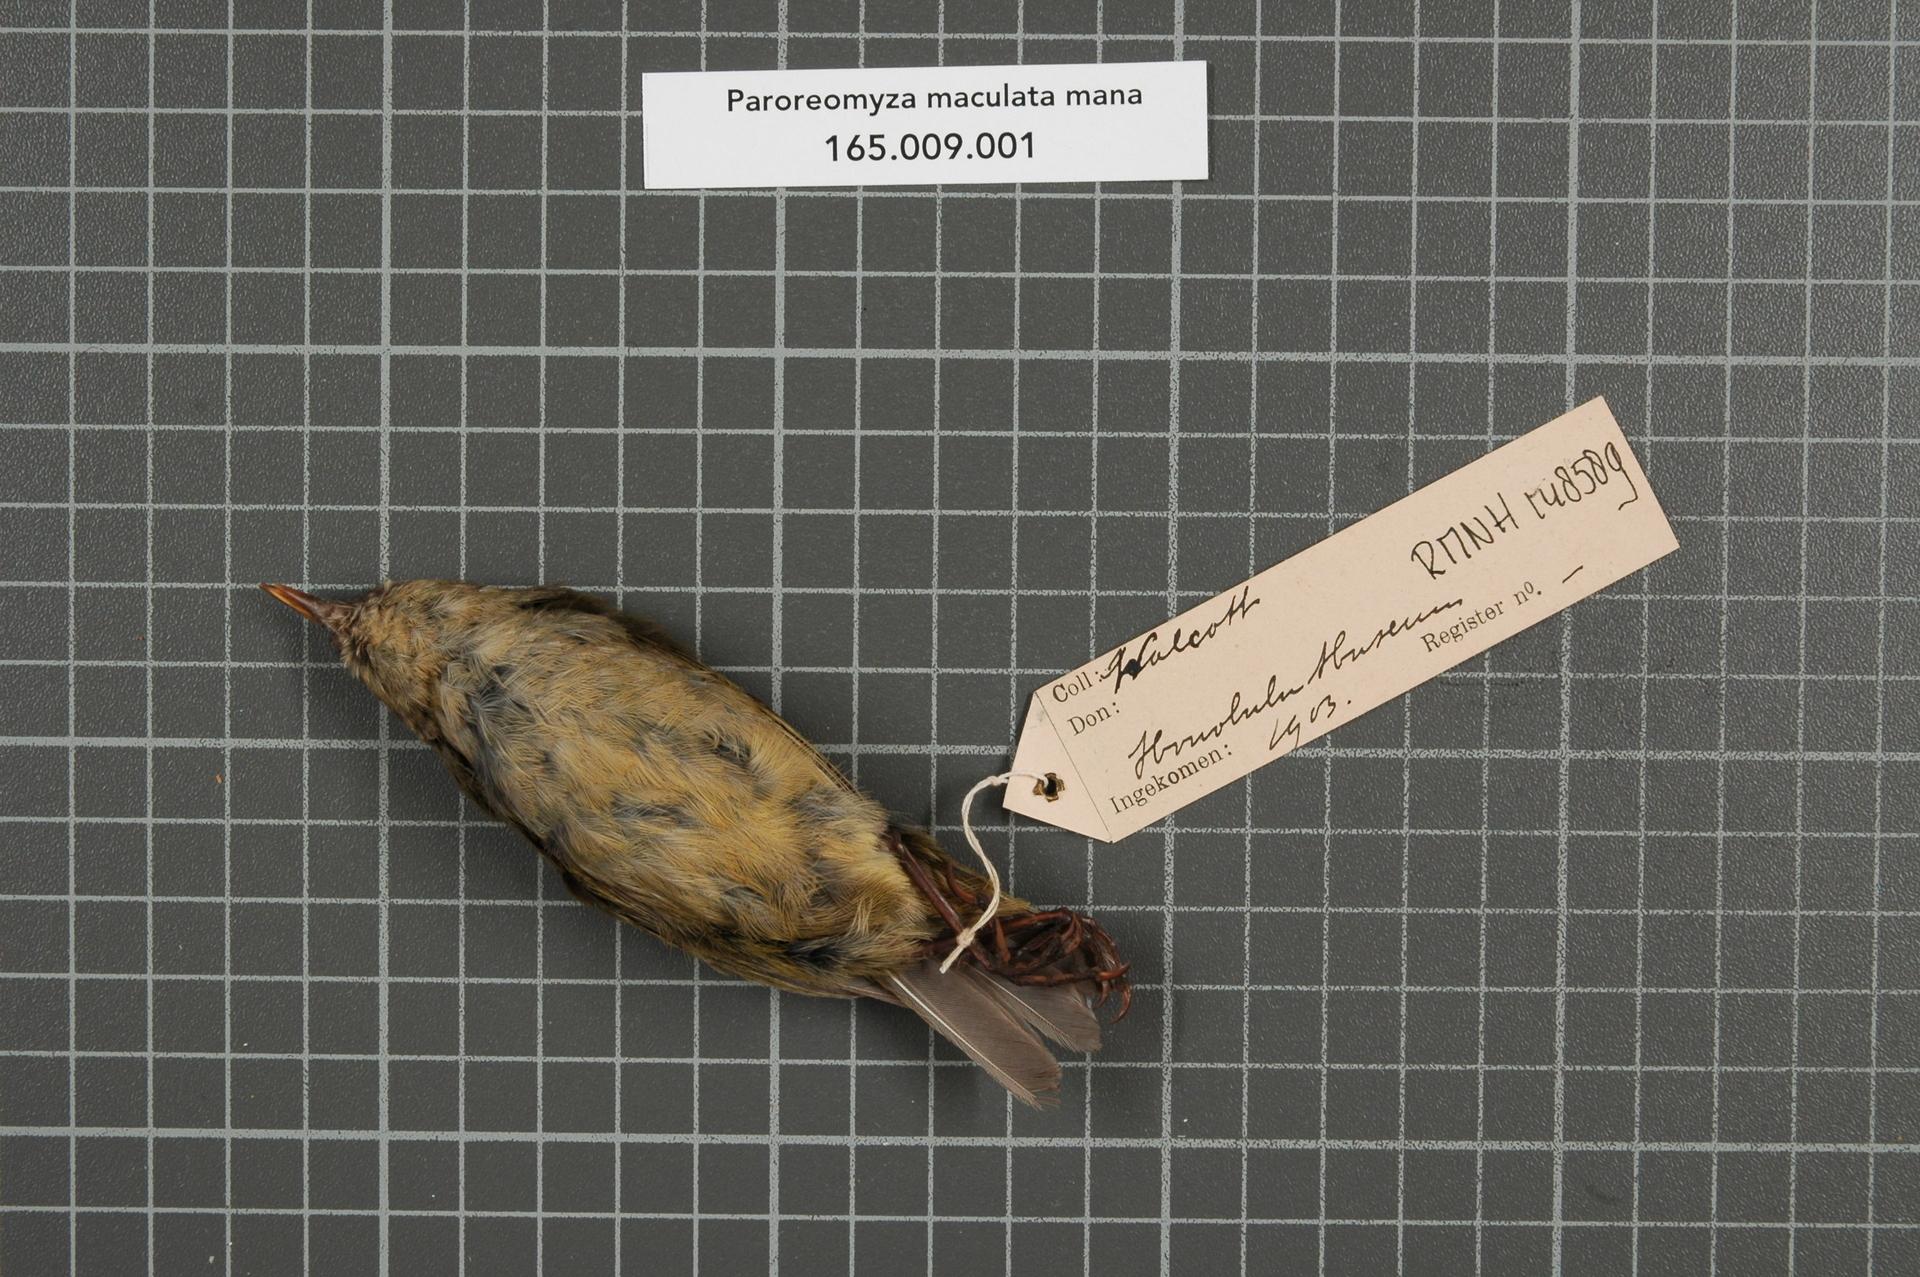 RMNH.AVES.148589 | Paroreomyza maculata mana Wilson, 1891